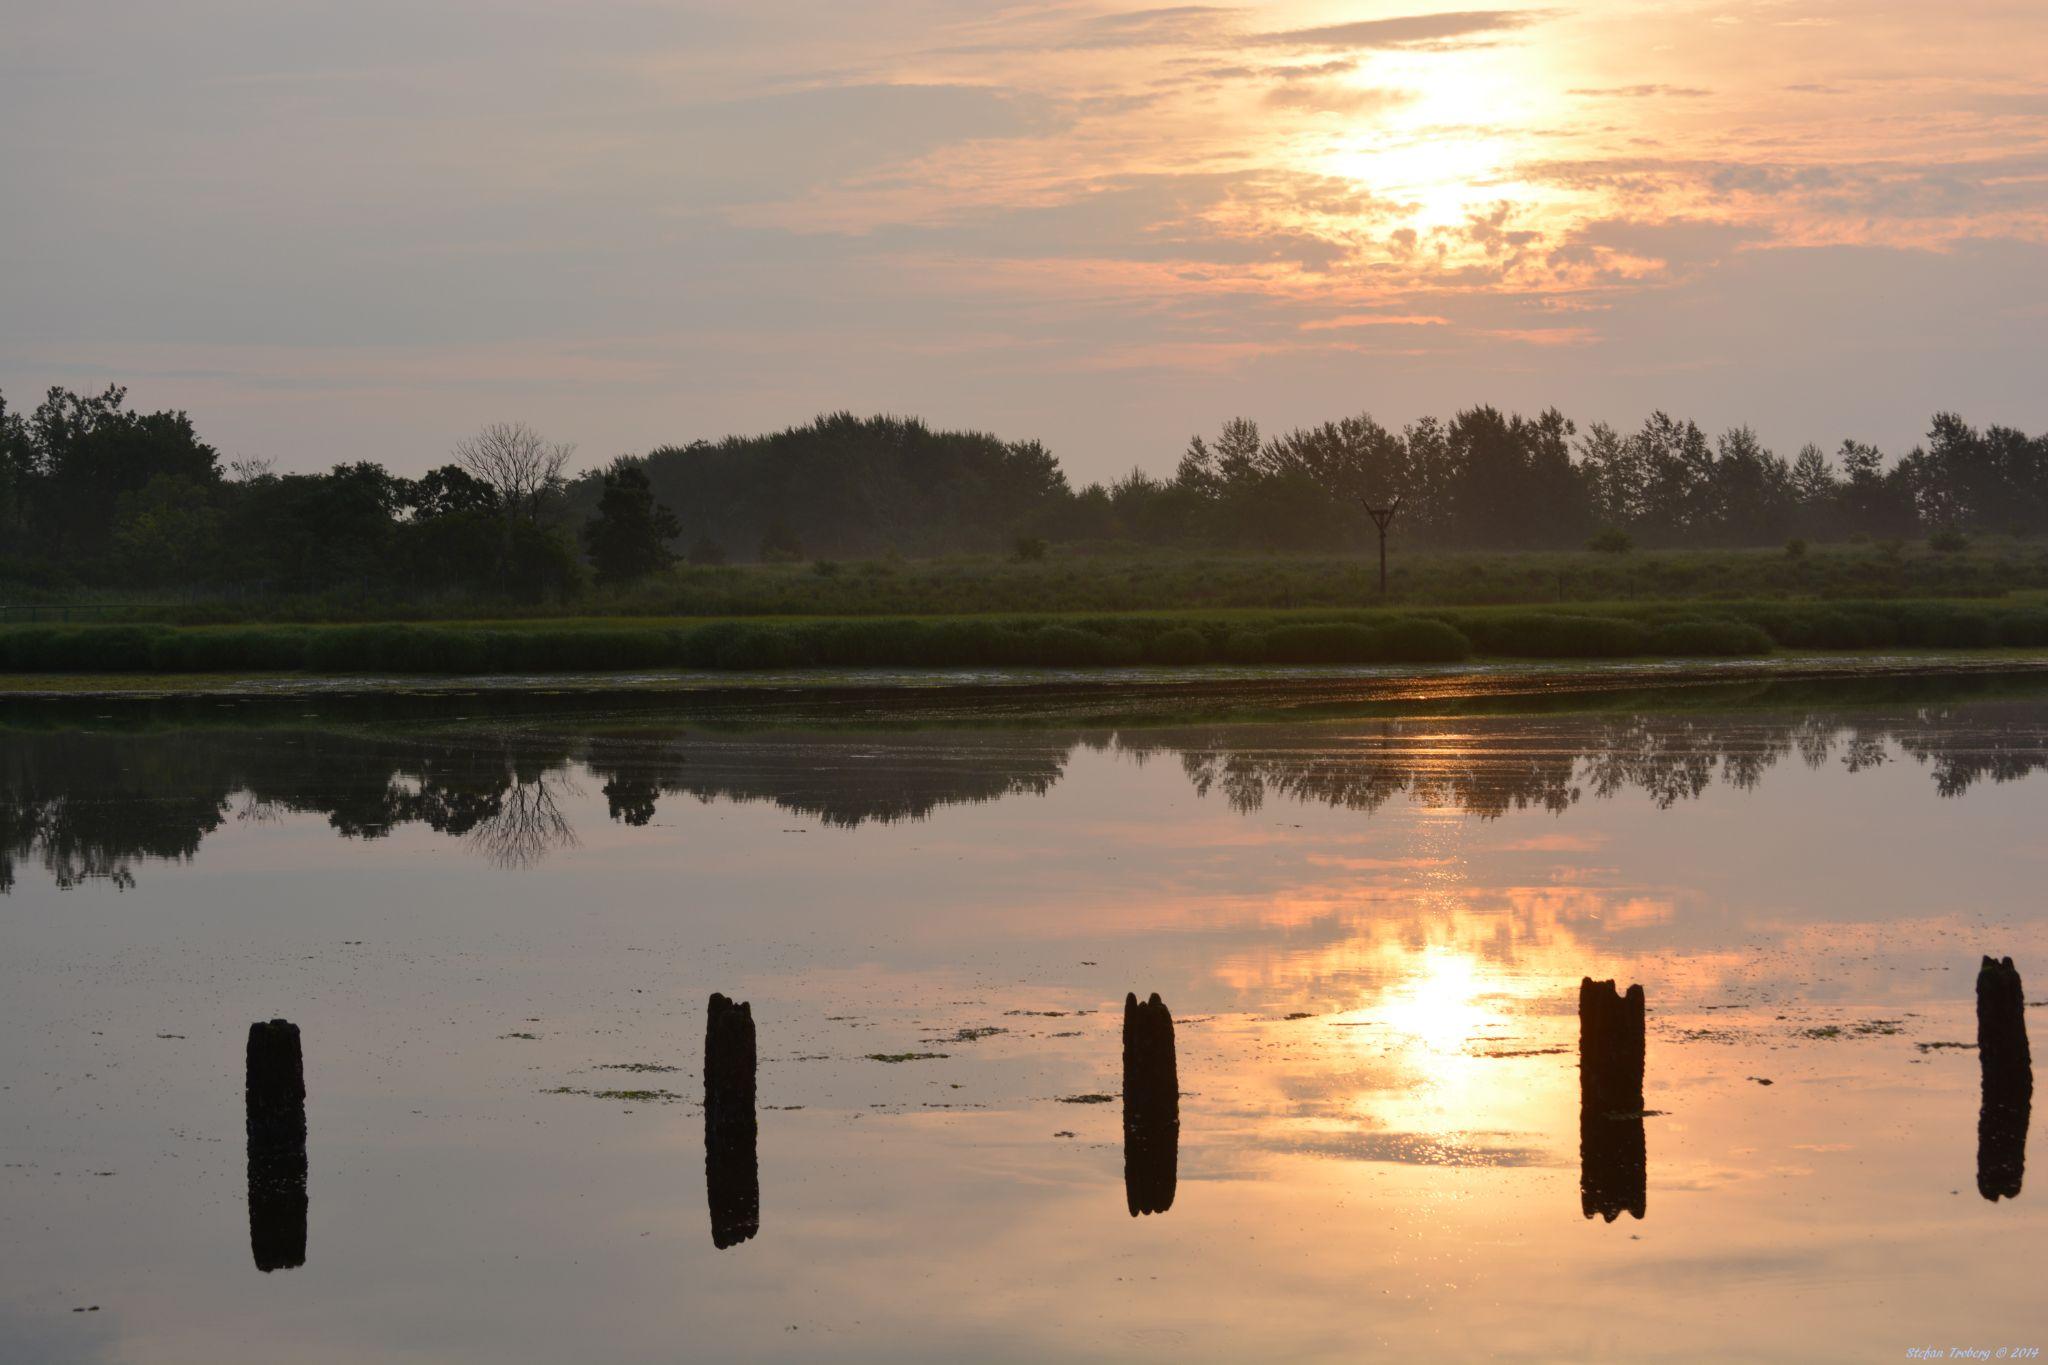 Sunrise at the watermarsh by Stefan Troberg